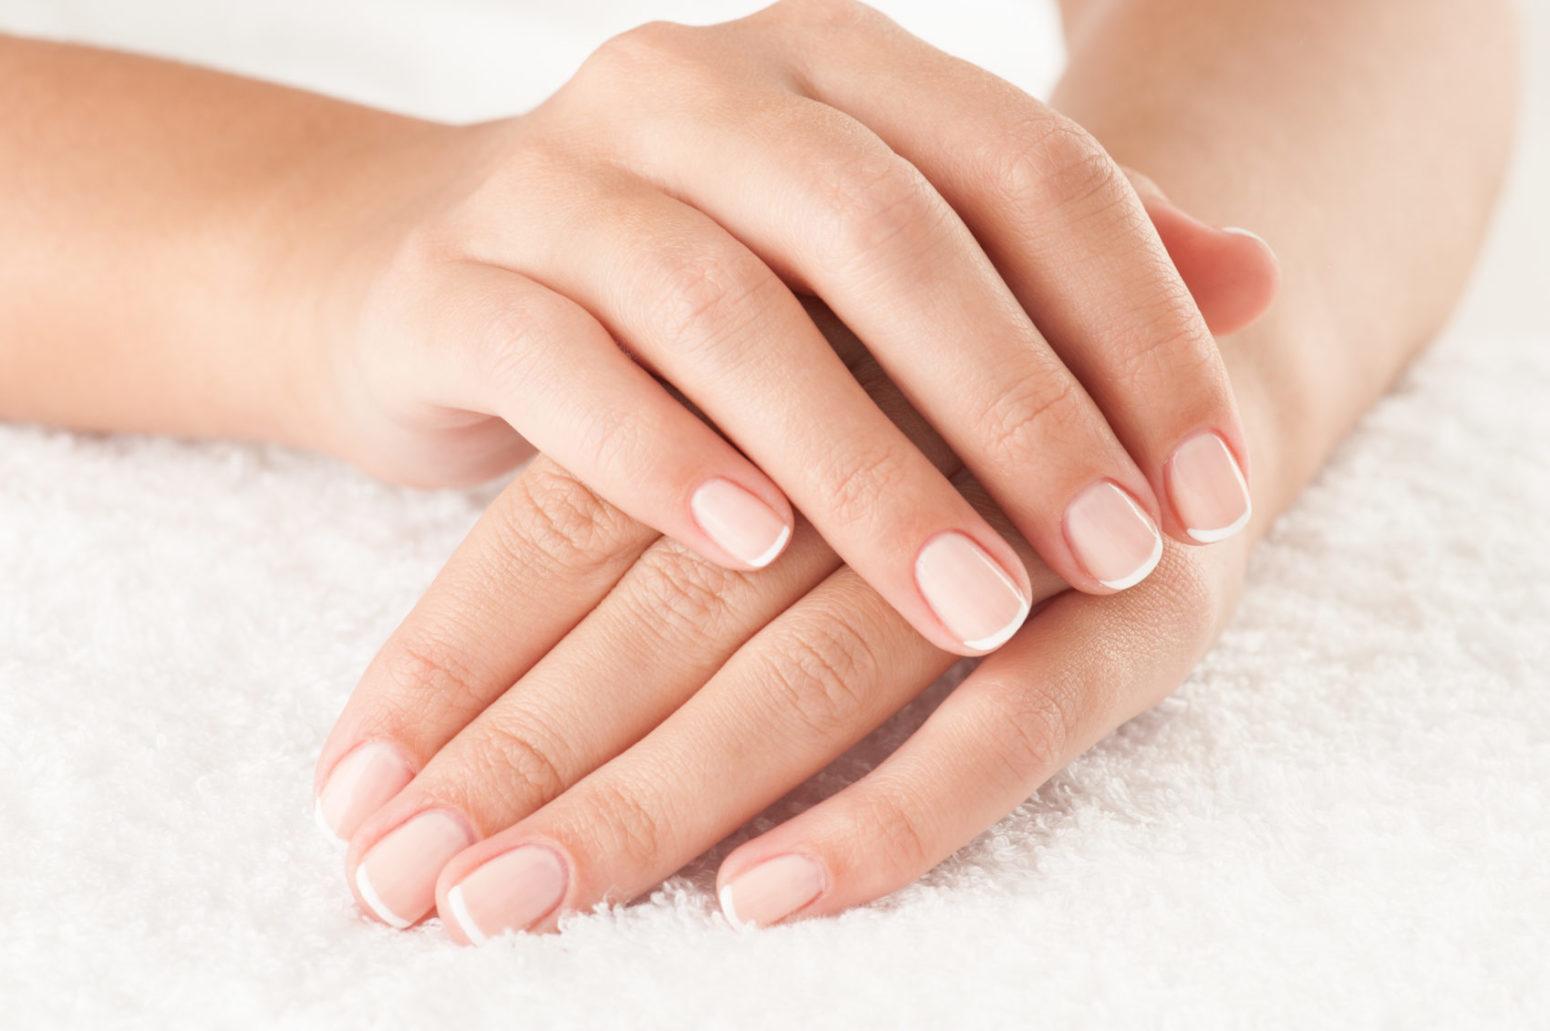 Pielęgnacja dłoni – jak dbać? jakie kosmetyki stosować?